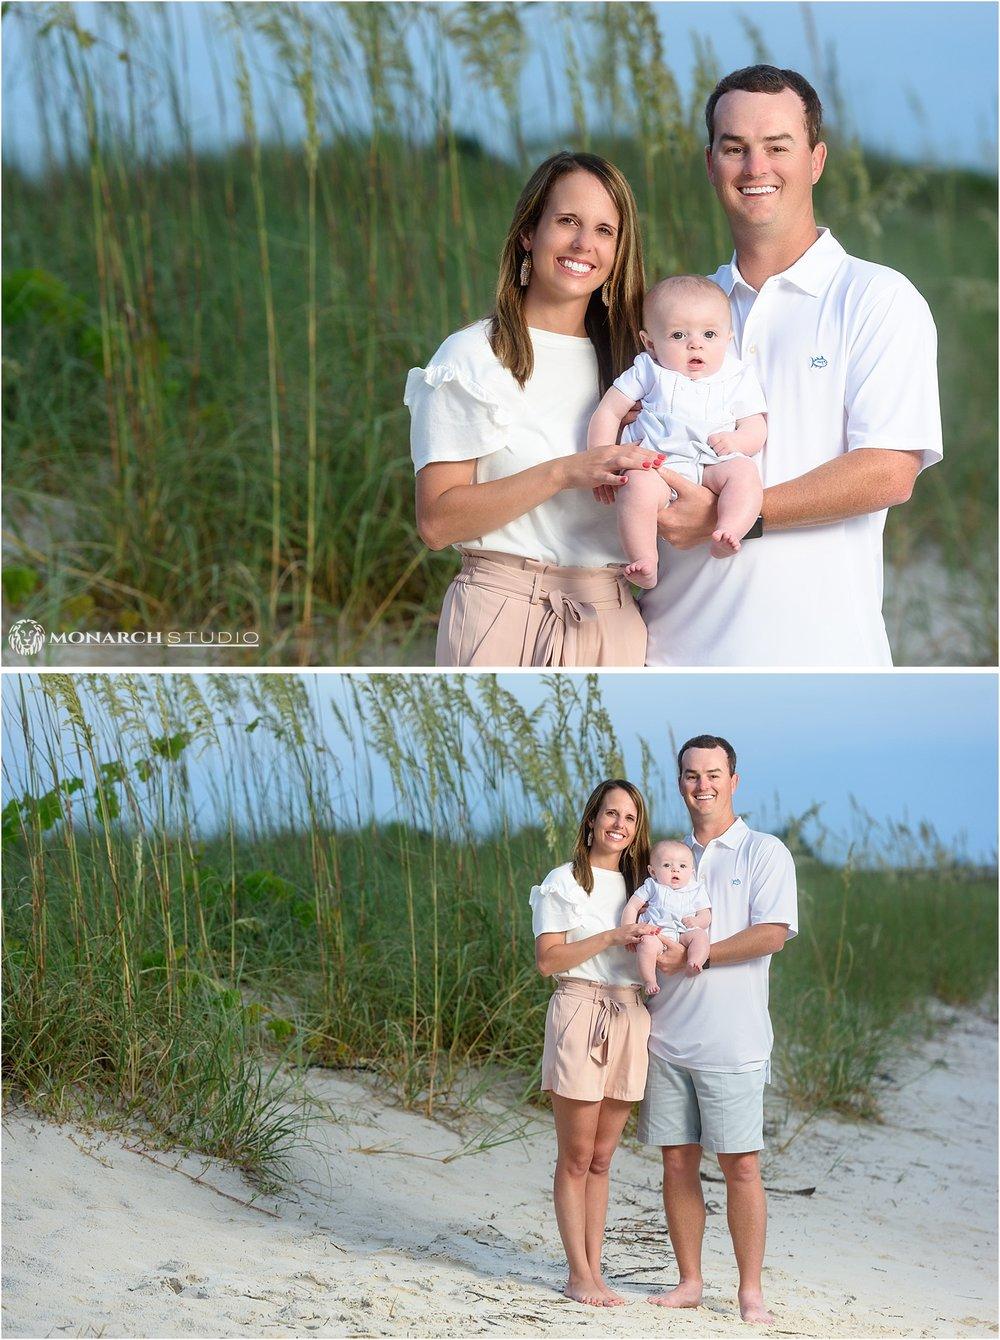 Saint-Augustine-Family-portrait-photographer-monarch-003.jpg